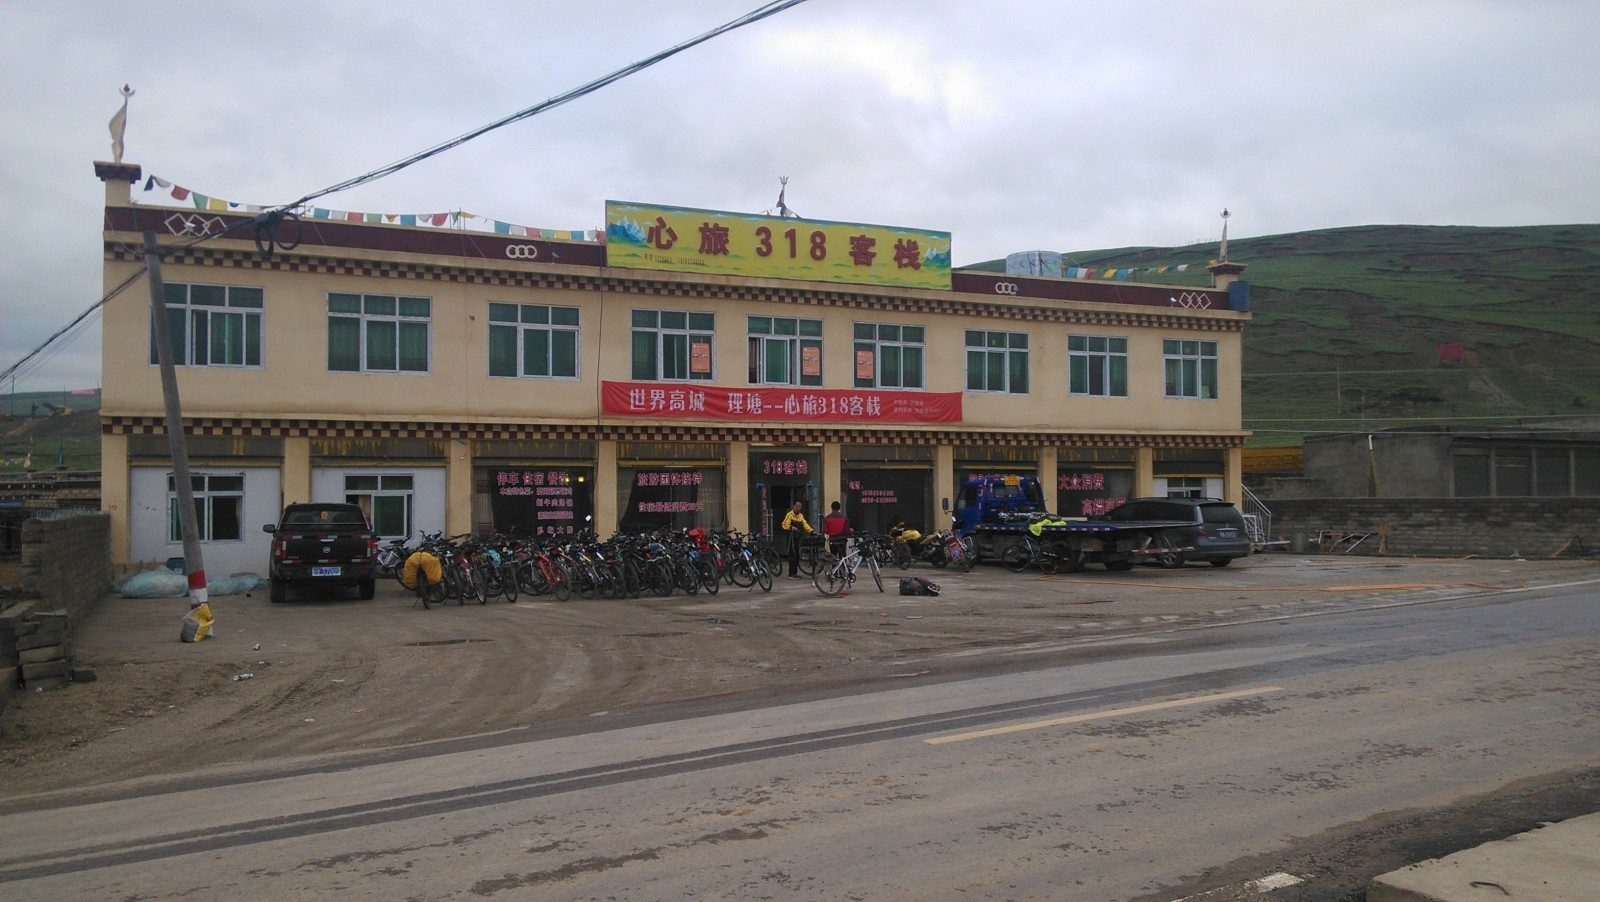 一位成都的姐姐在这儿开的店,心旅318,很不错噢~她本人去年也骑了整条川藏线